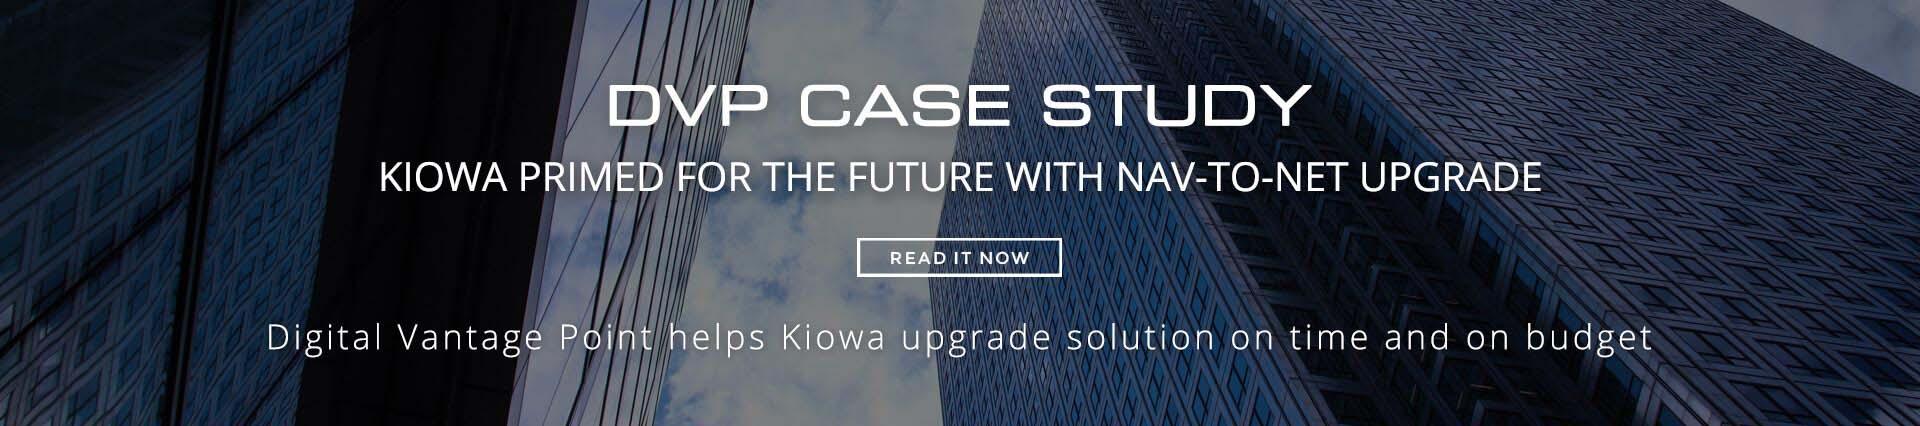 Nav-to-Net e-Commerce Case Study - Kiowa